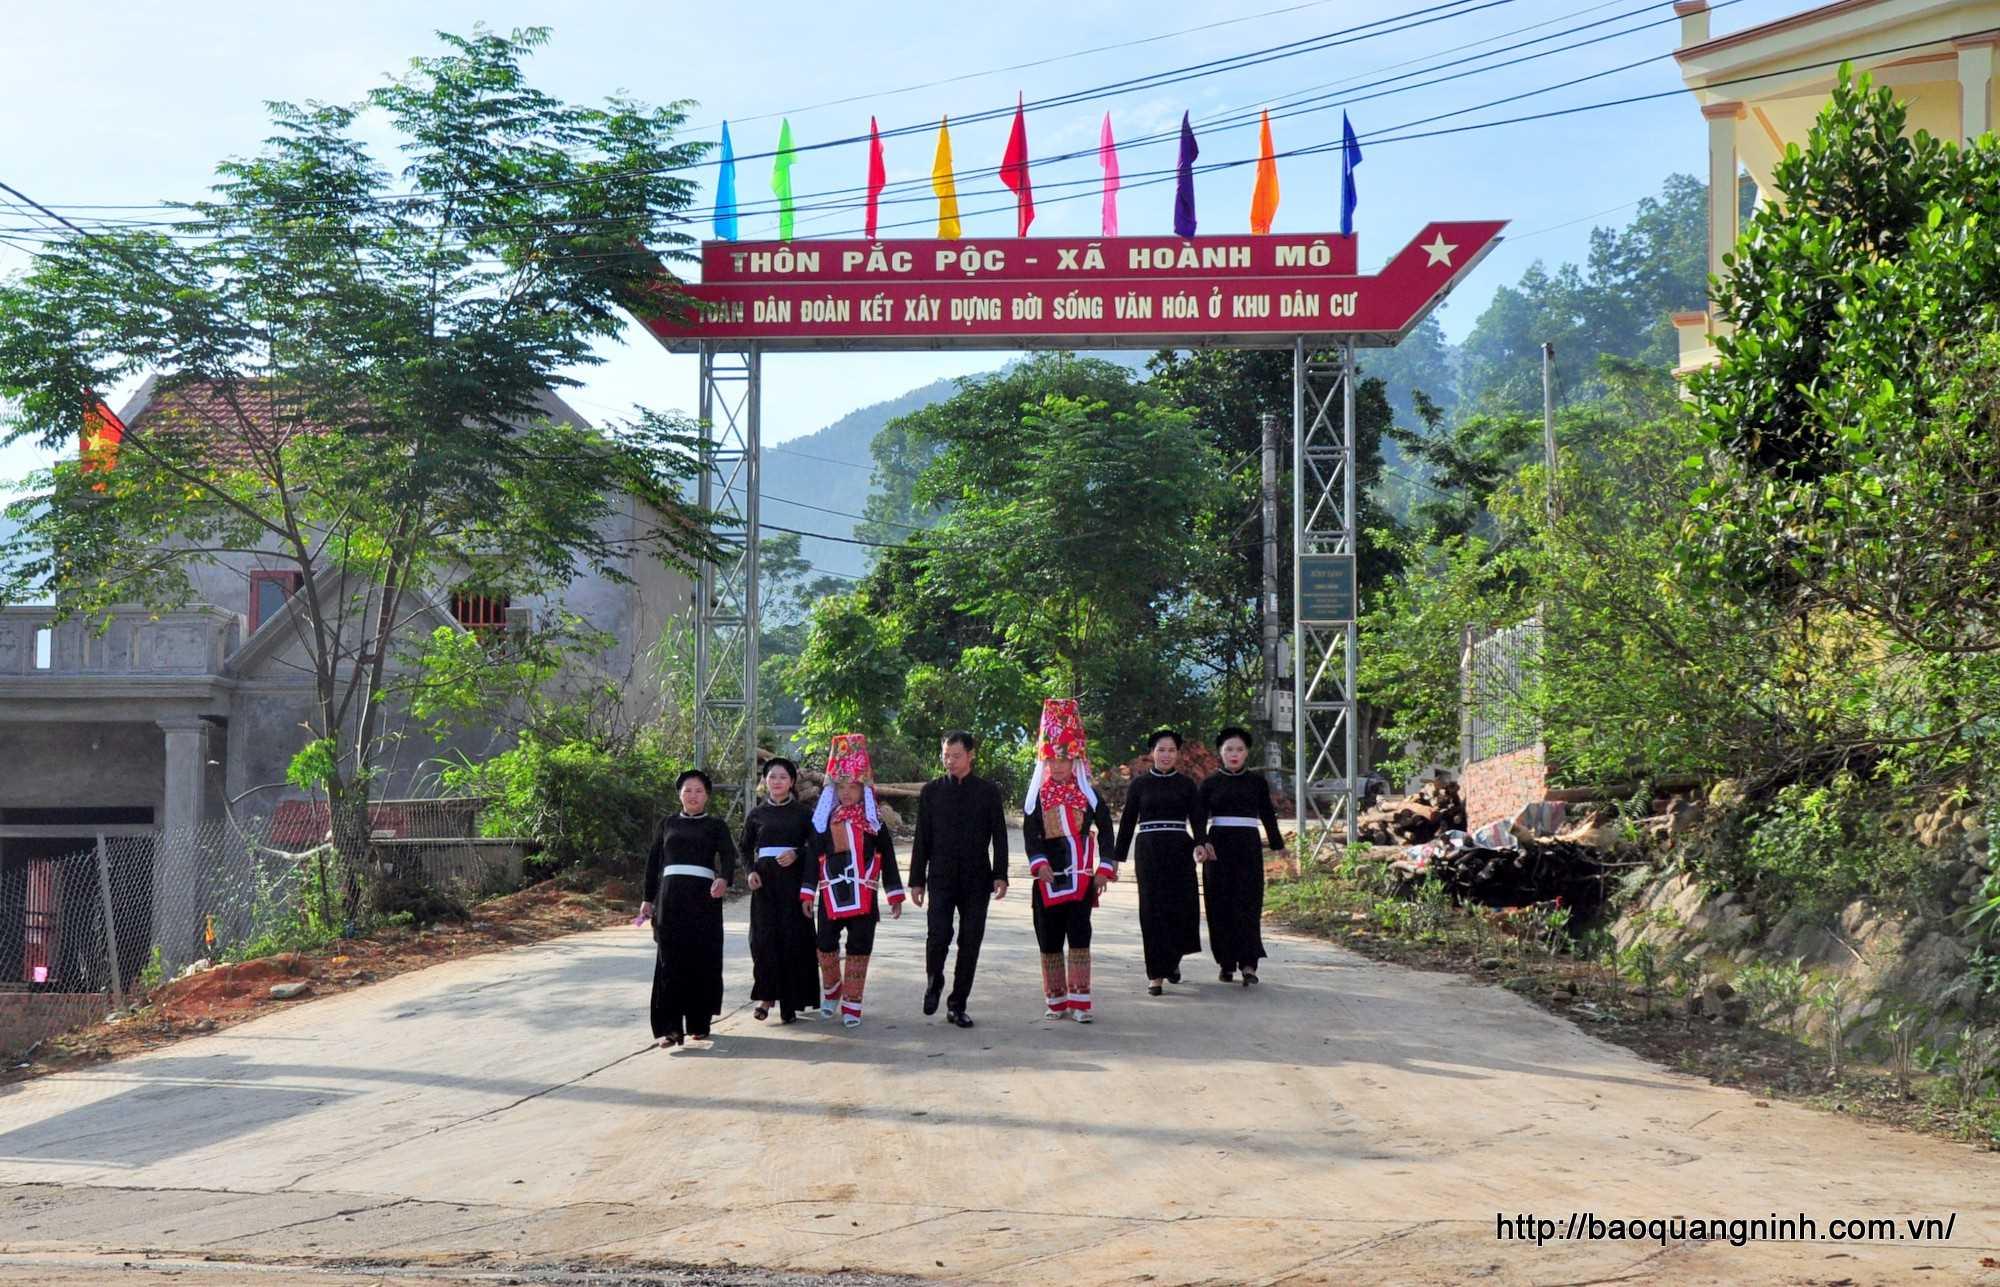 Người dân các thôn, bản trên địa bàn xã Hoành Mô nô nức về dự lễ gắn biển trên con đường bê tông